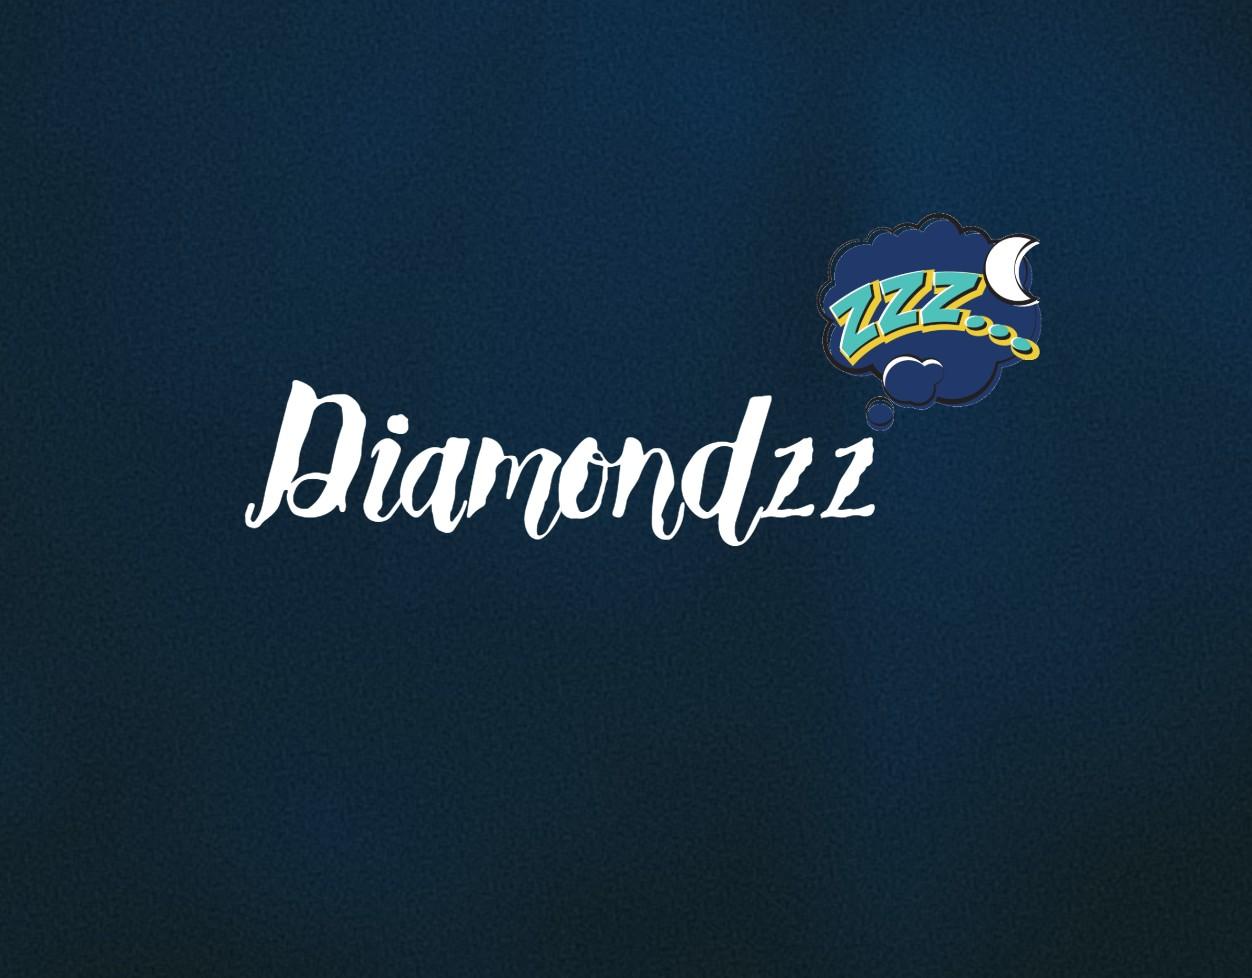 Banner for Diamondz server